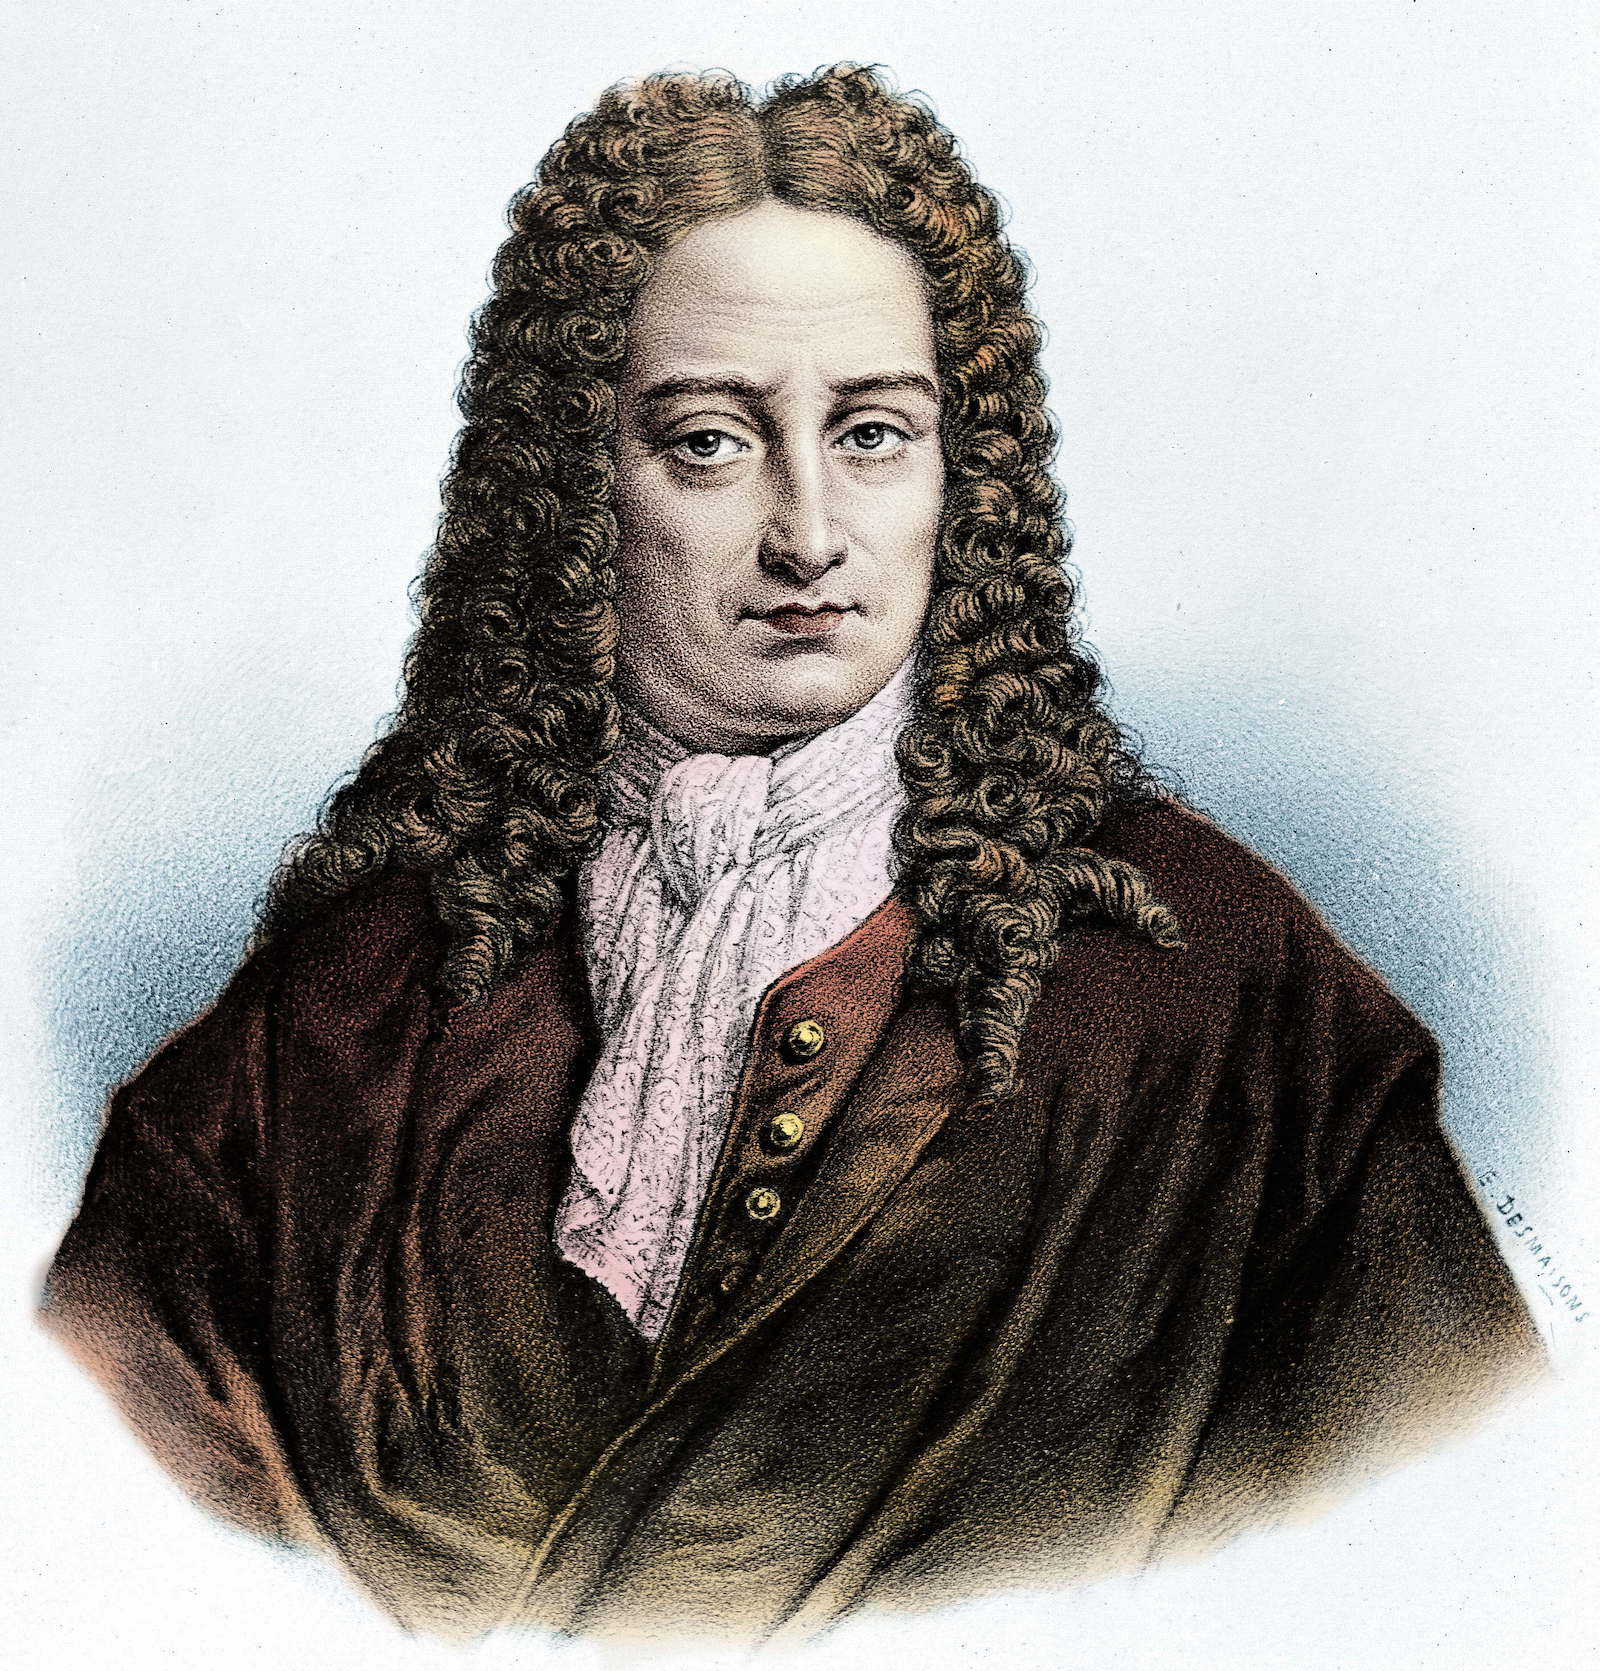 Gottfried Wilhelm Leibniz (1646-1716), philosopher and mathematician. Lithograph by Pierre-Emile Desmaisons (1812-1880). Photo: AFP / Roger Violette